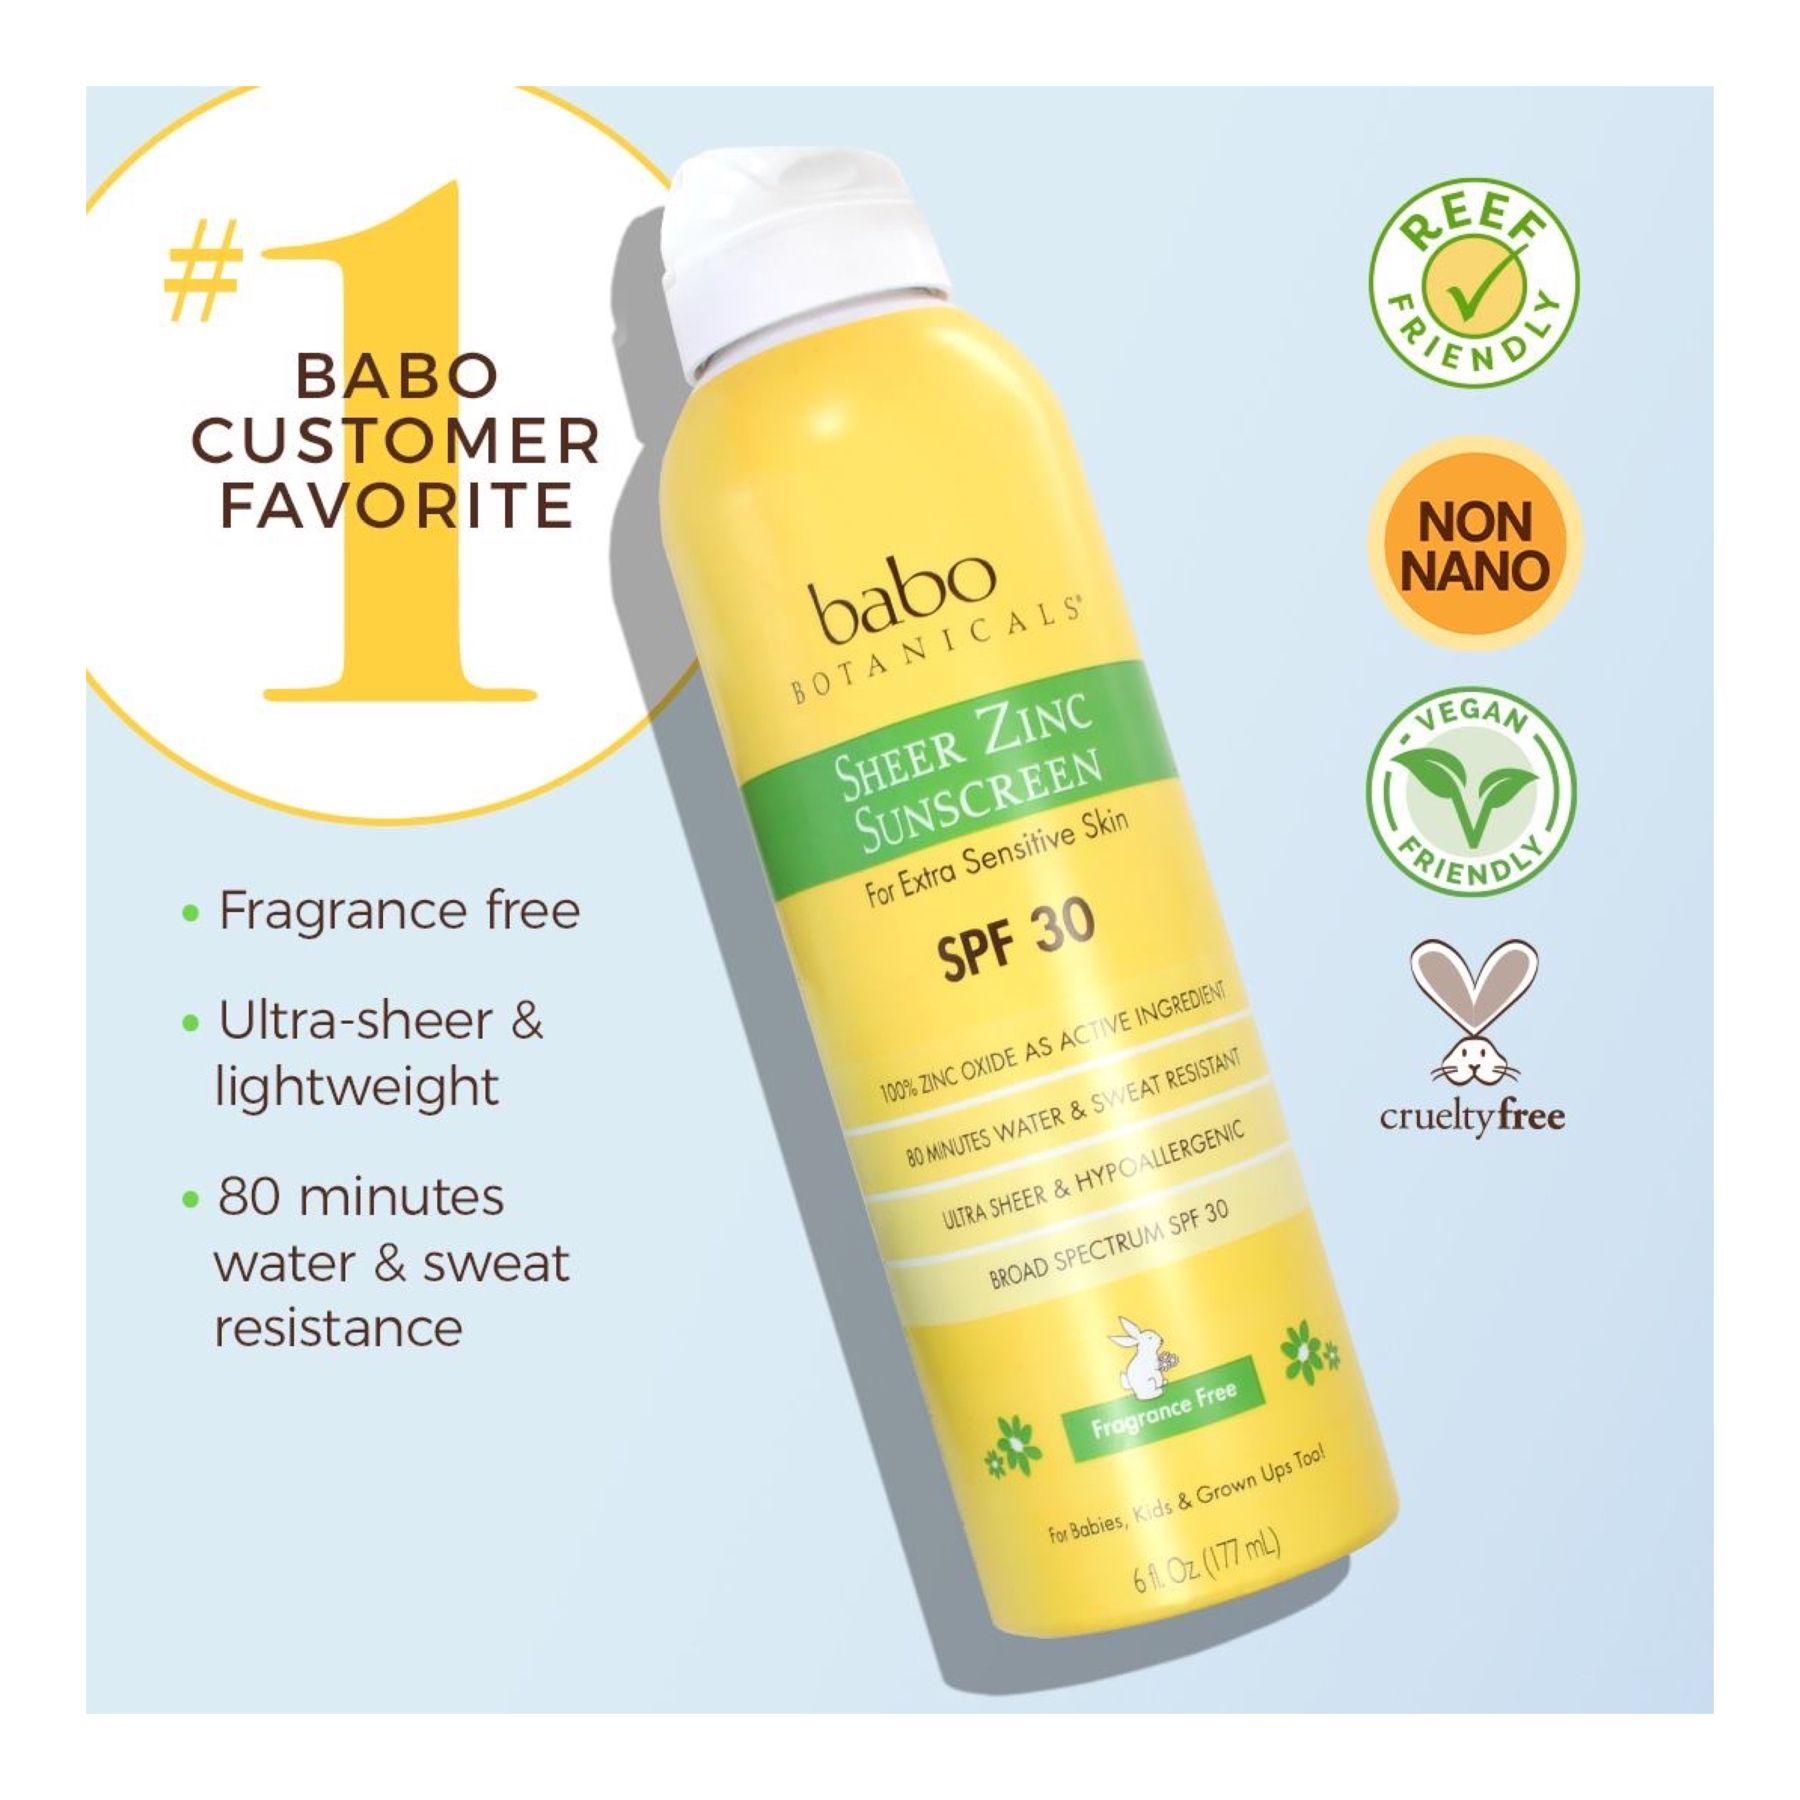 Sheer Zinc Continuous Spray Sunscreen Spf 30 6 Oz In 2020 Spray Sunscreen Spf Sunscreen Fragrance Free Products